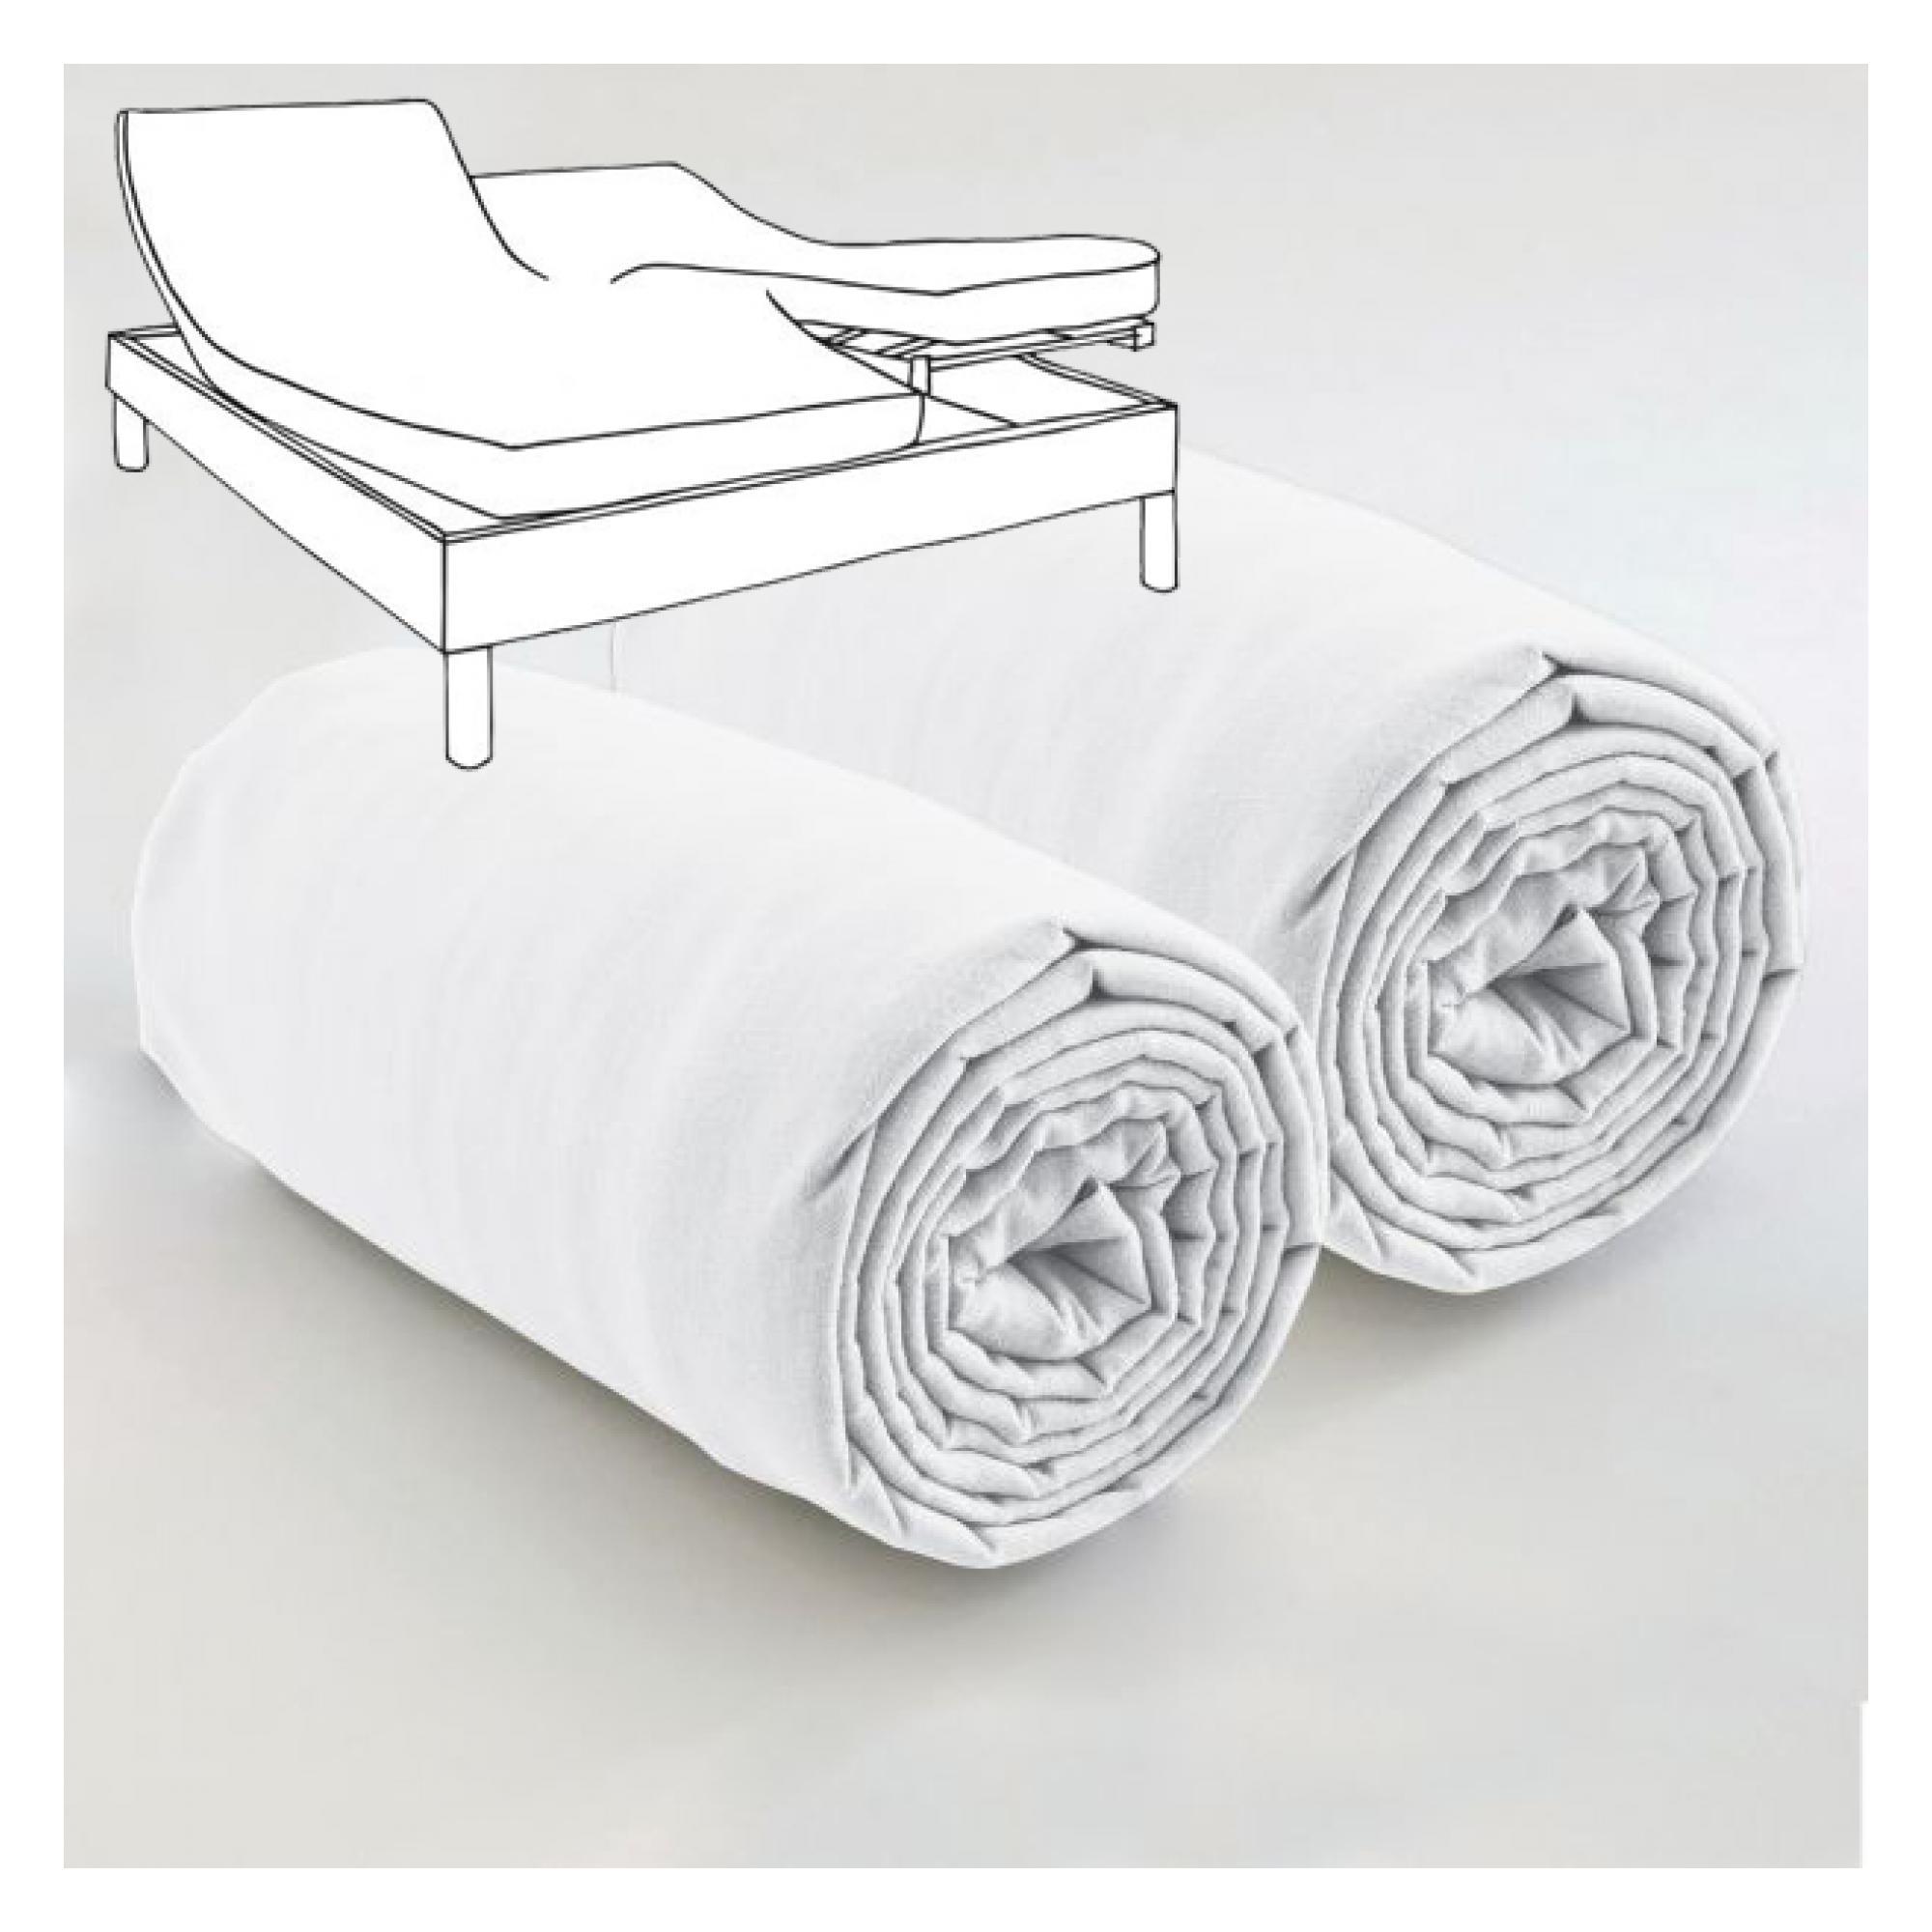 Double drap housse spécial matelas double Blanc 80 x 200 x 35